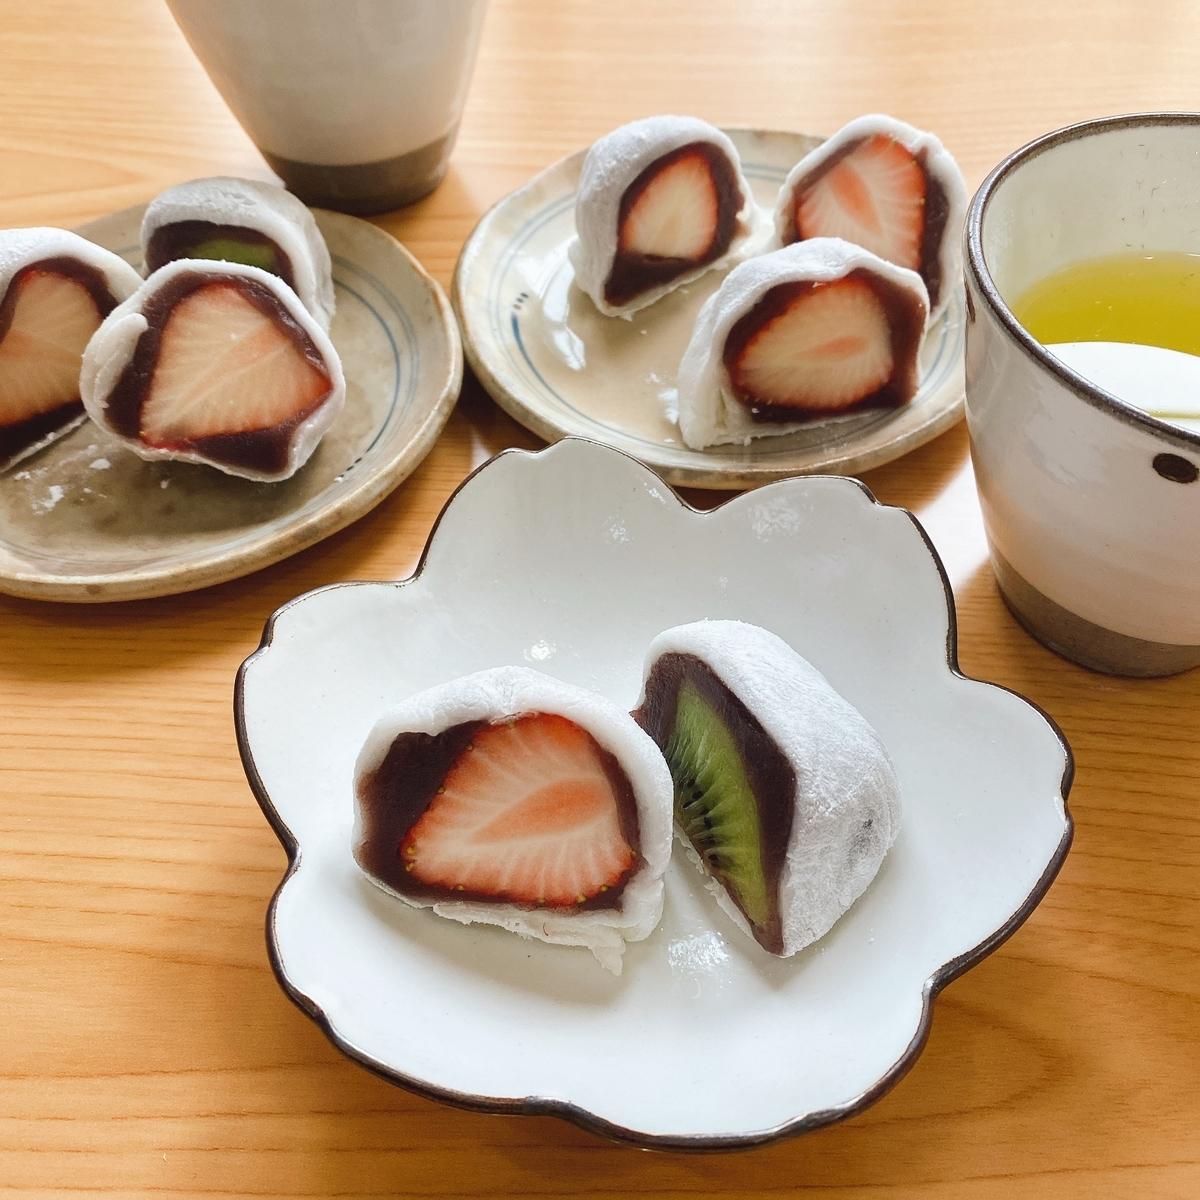 3皿に乗ったいちご大福とキウイ大福の写真